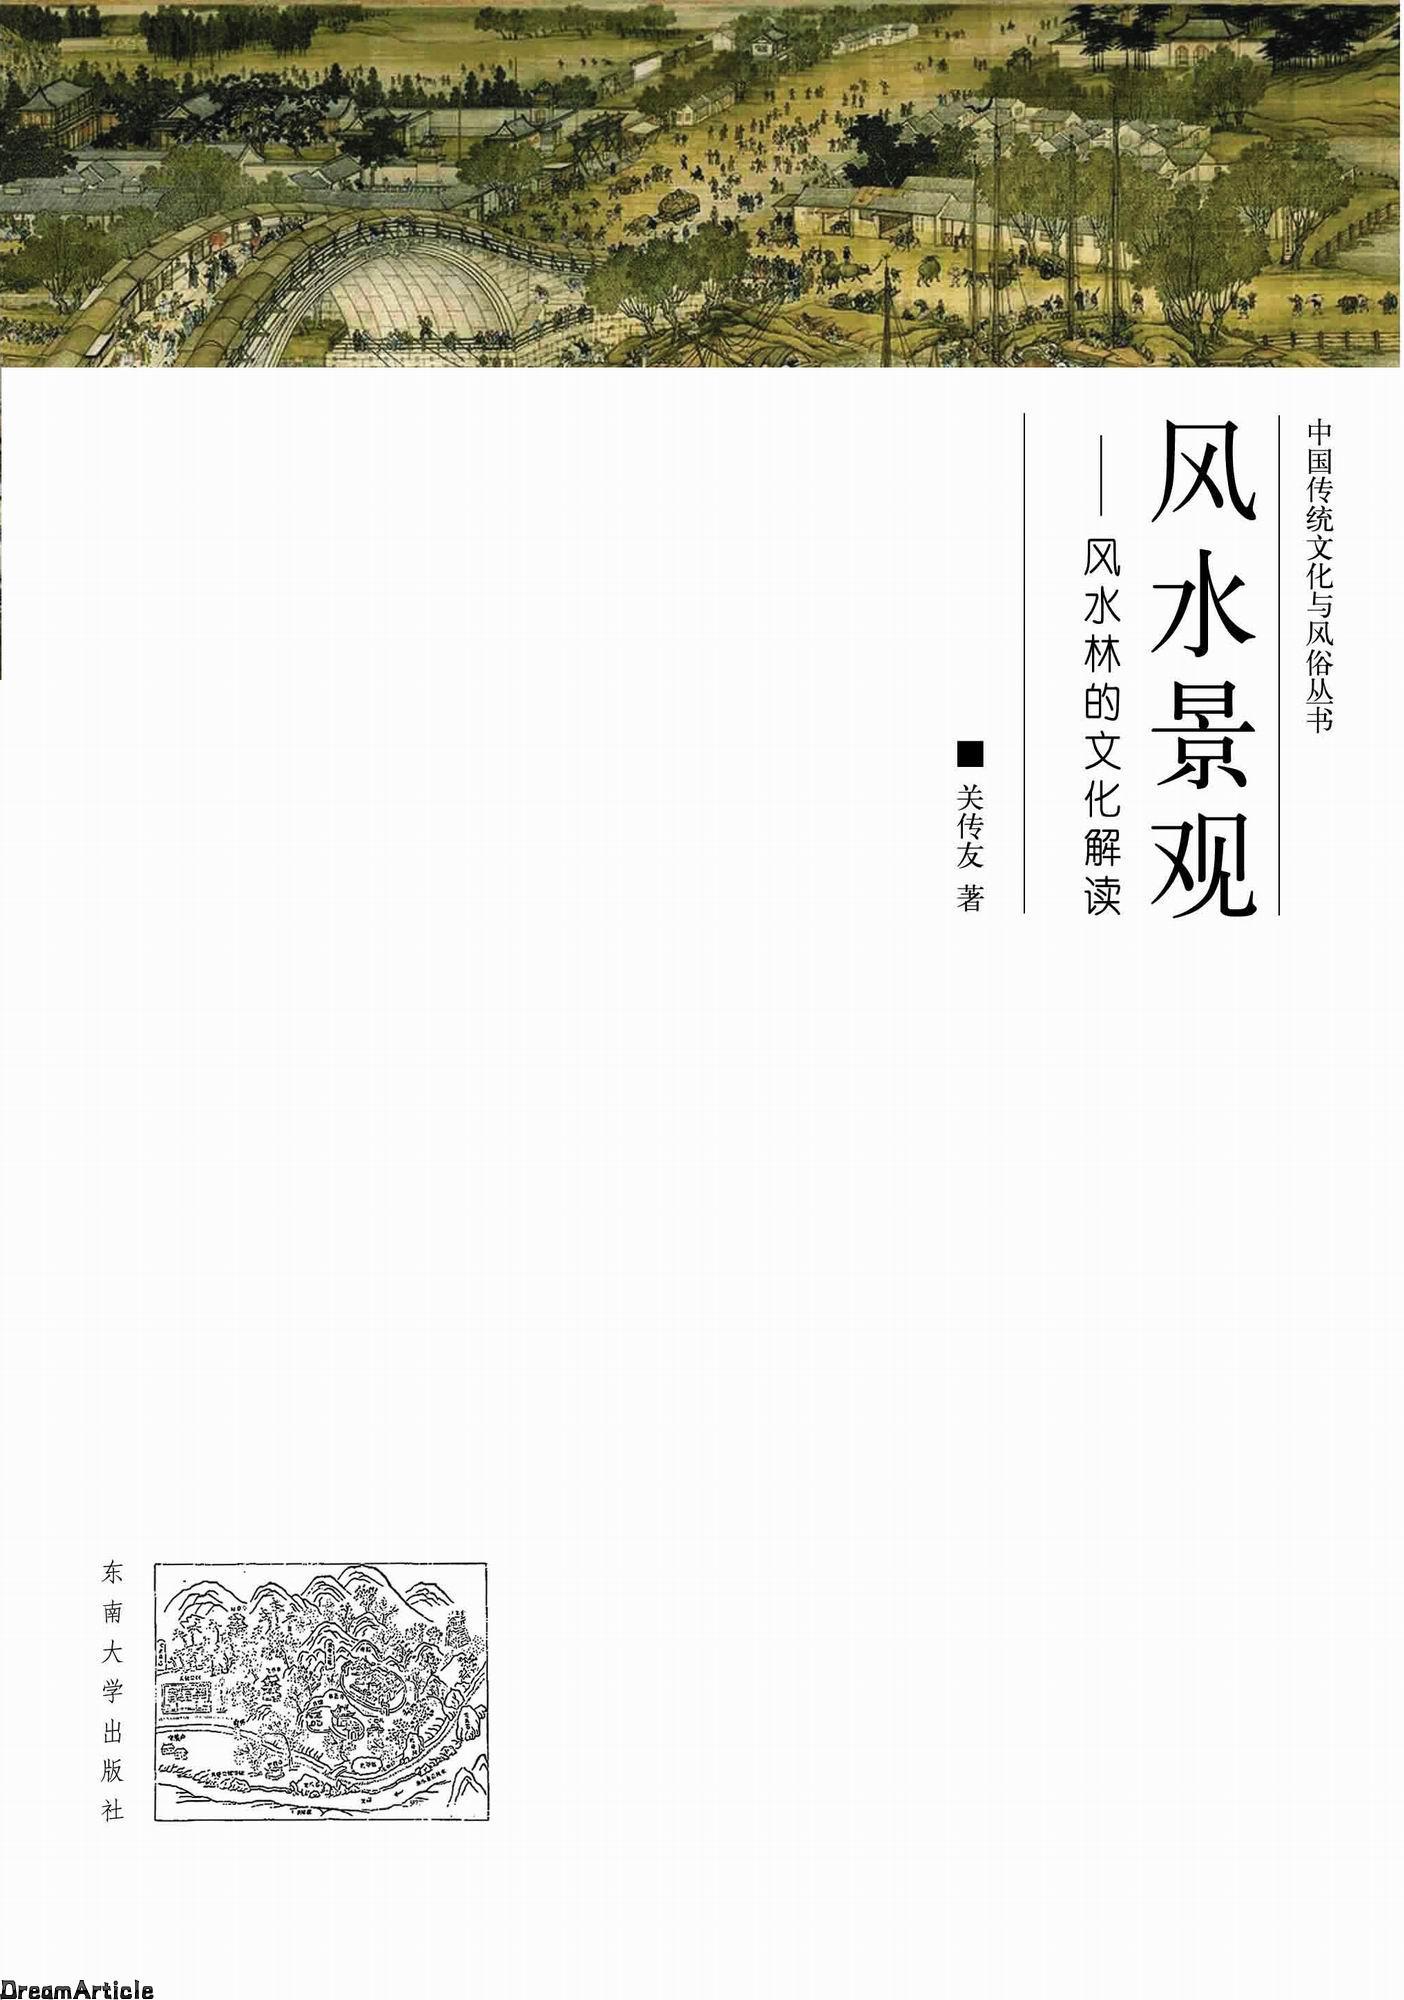 风水是中国土生土长的一种传统文化现象,并早已成为一种固有的观念传承影响着中华文化达2000多年。20世纪80年代中后期,许多学者开始从民俗学、地理学、文化学、环境学、建筑学、规划学、科学史等不同领域探索研究风水,发掘出风水理论中许多科学的闪光点,对现代社会的发展和文化建设无疑有着借鉴作用。关传友《风水景观风水林的文化解读》就是从生态环境景观的角度研究风水理论的著作,系统地解读了风水景观风水林的文化内涵。 风水林就是古代人们为追求理想生存环境而营造及自然保护的一种特殊森林景观,目的是发挥森林的生态防